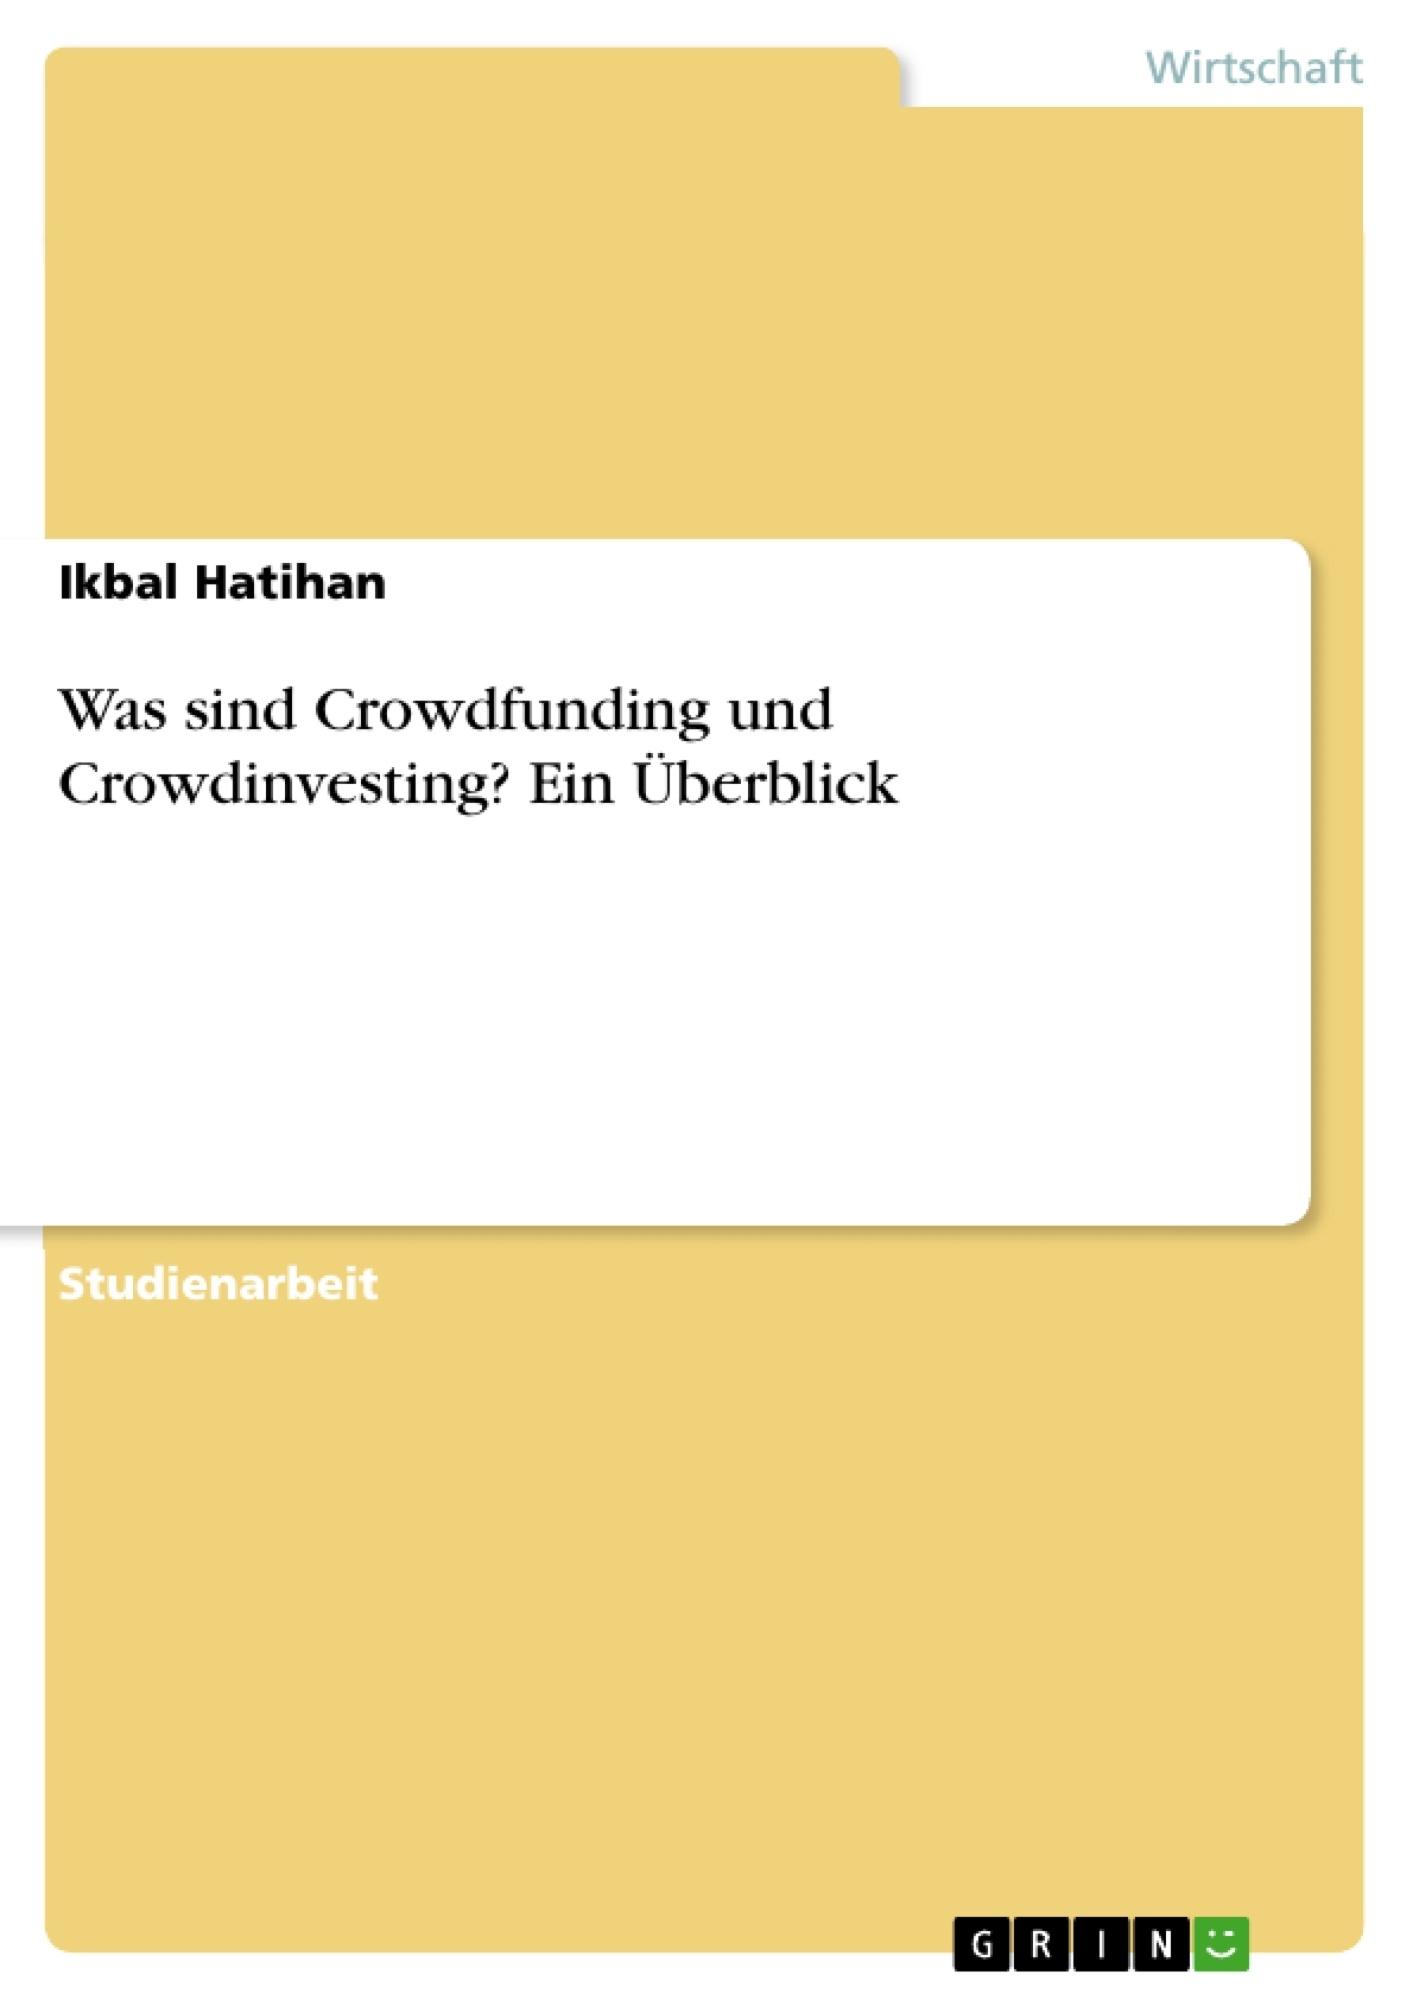 Titel: Was sind Crowdfunding und Crowdinvesting? Ein Überblick